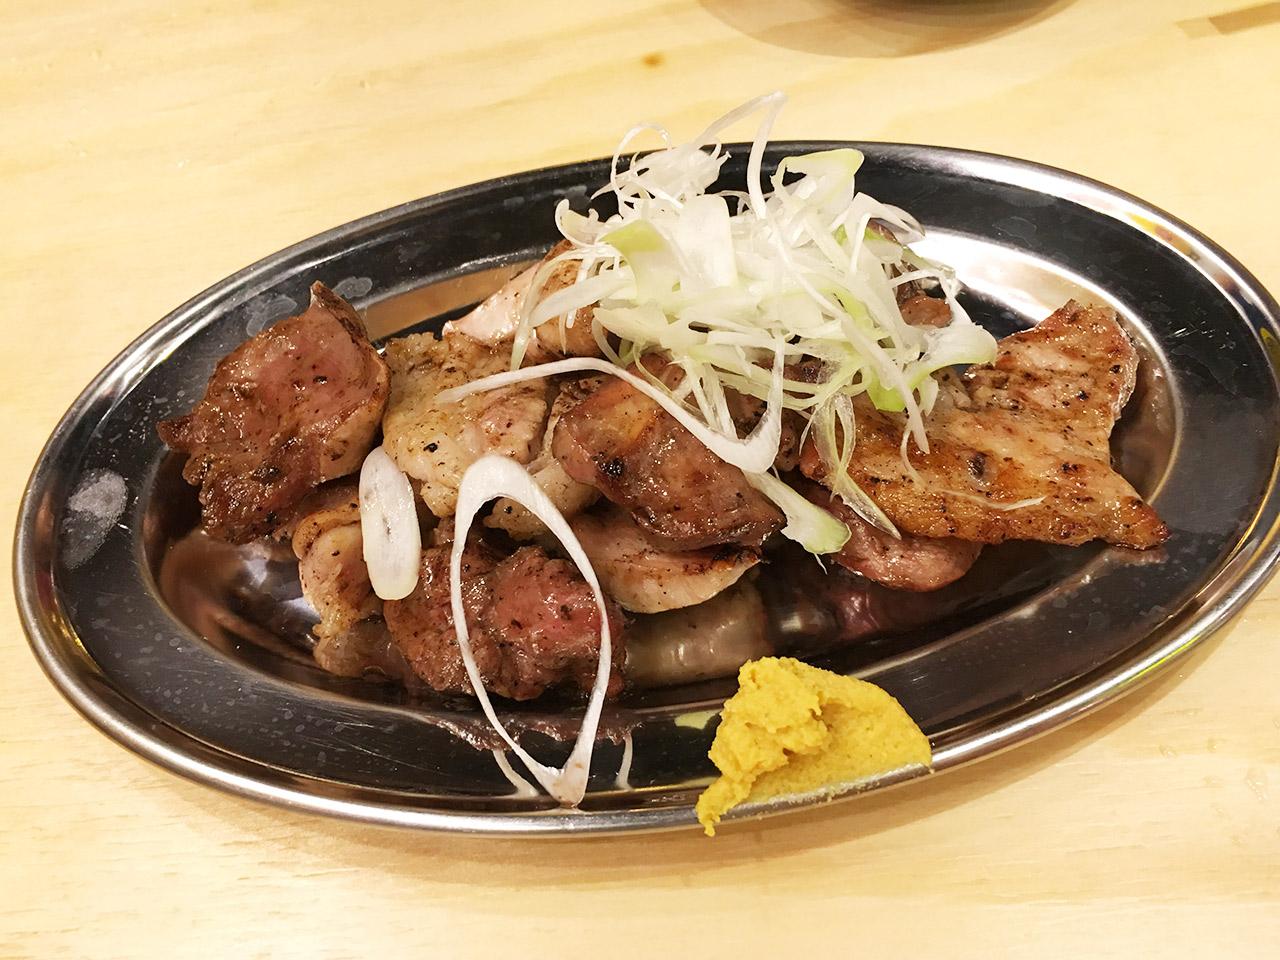 tachikawa-shokuniku-yokocho-otafuku-02